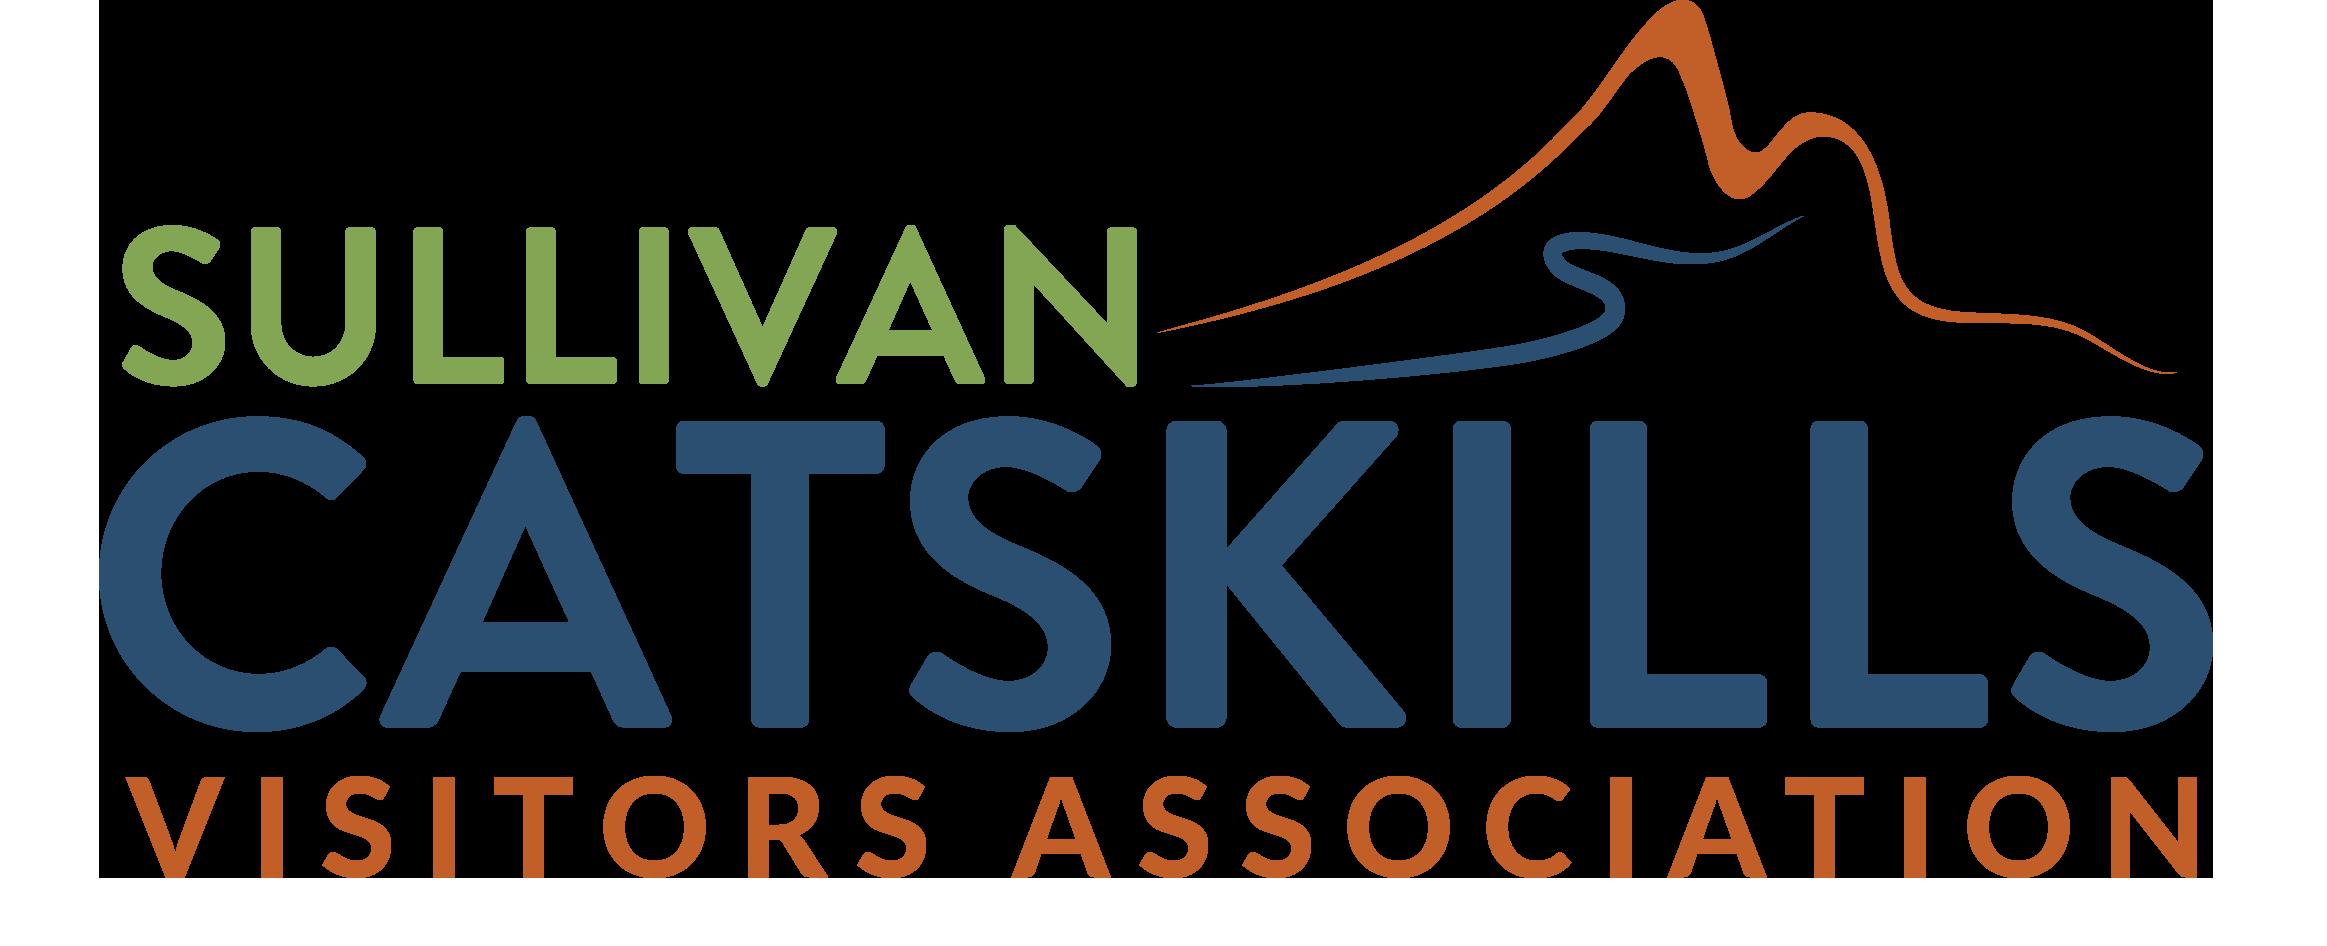 sullivan catskills visitors association